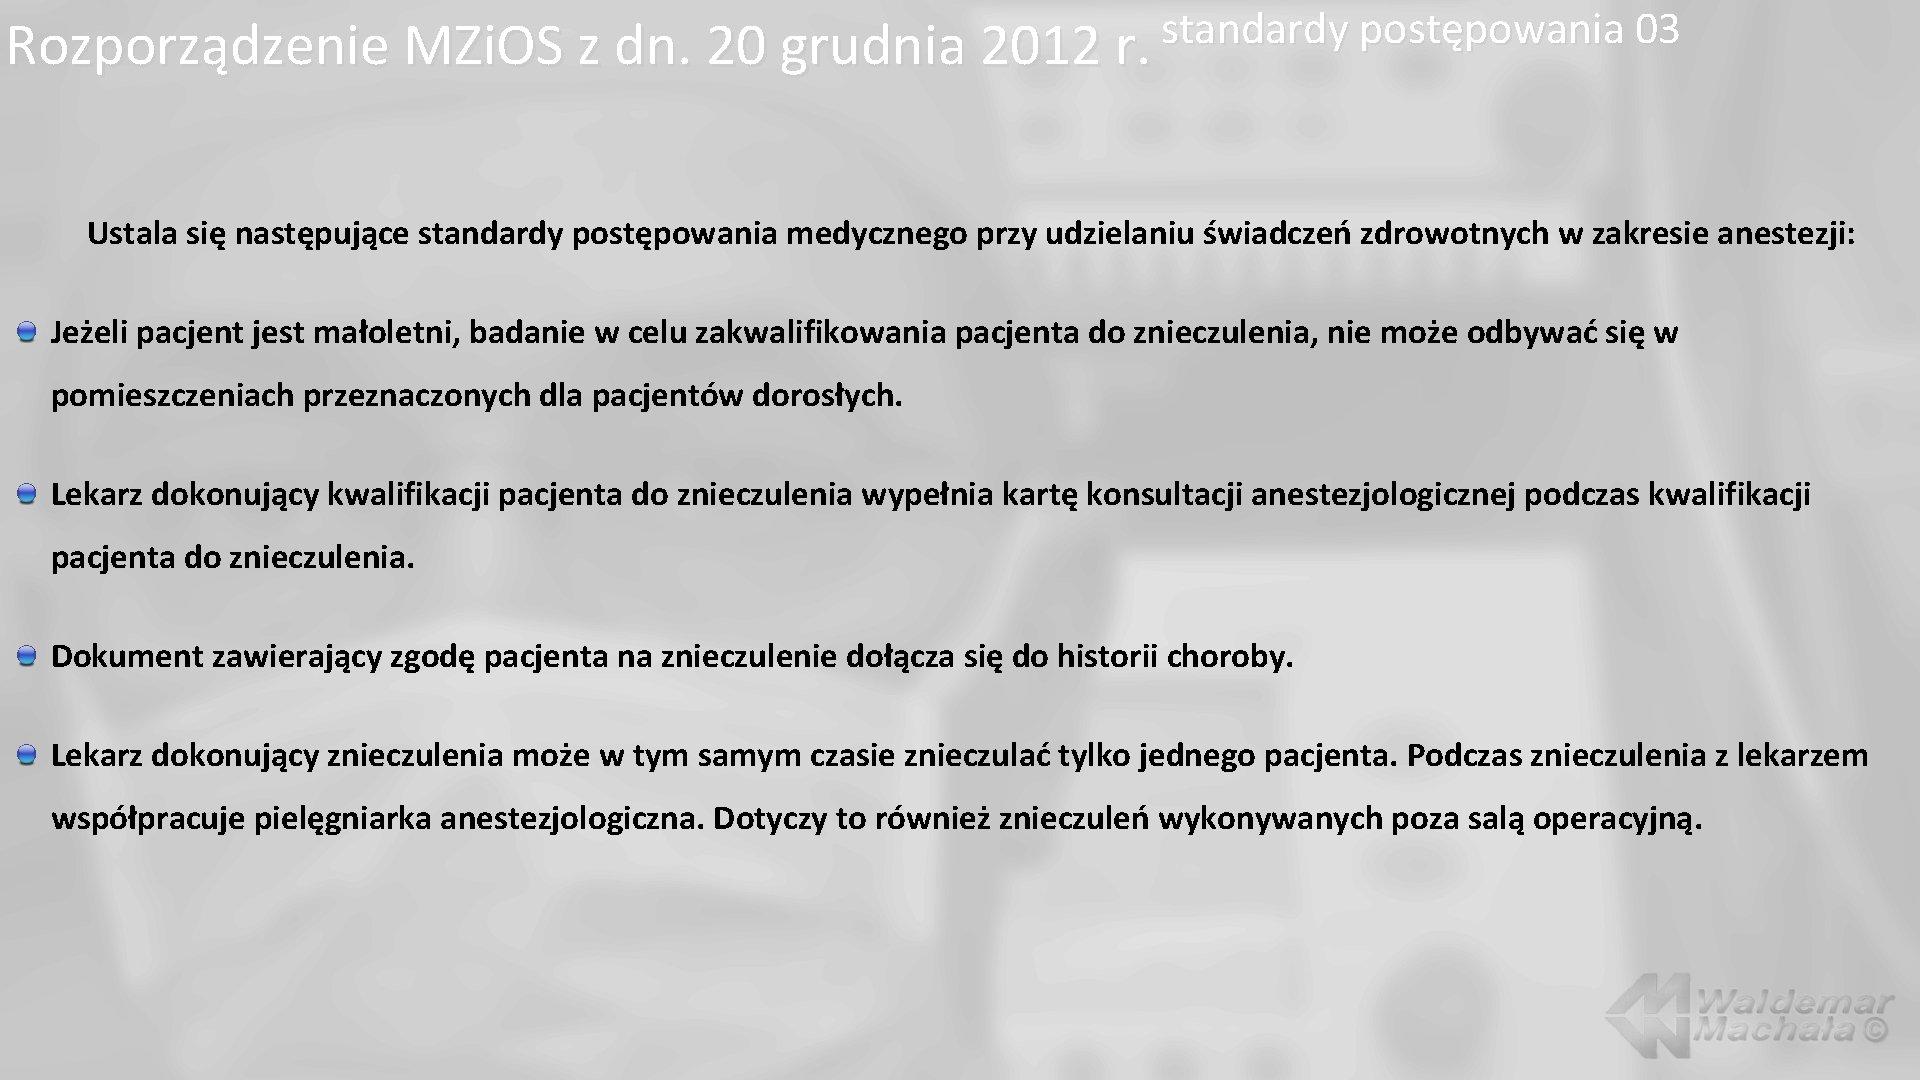 standardy postępowania 03 Rozporządzenie MZi. OS z dn. 20 grudnia 2012 r. Ustala się